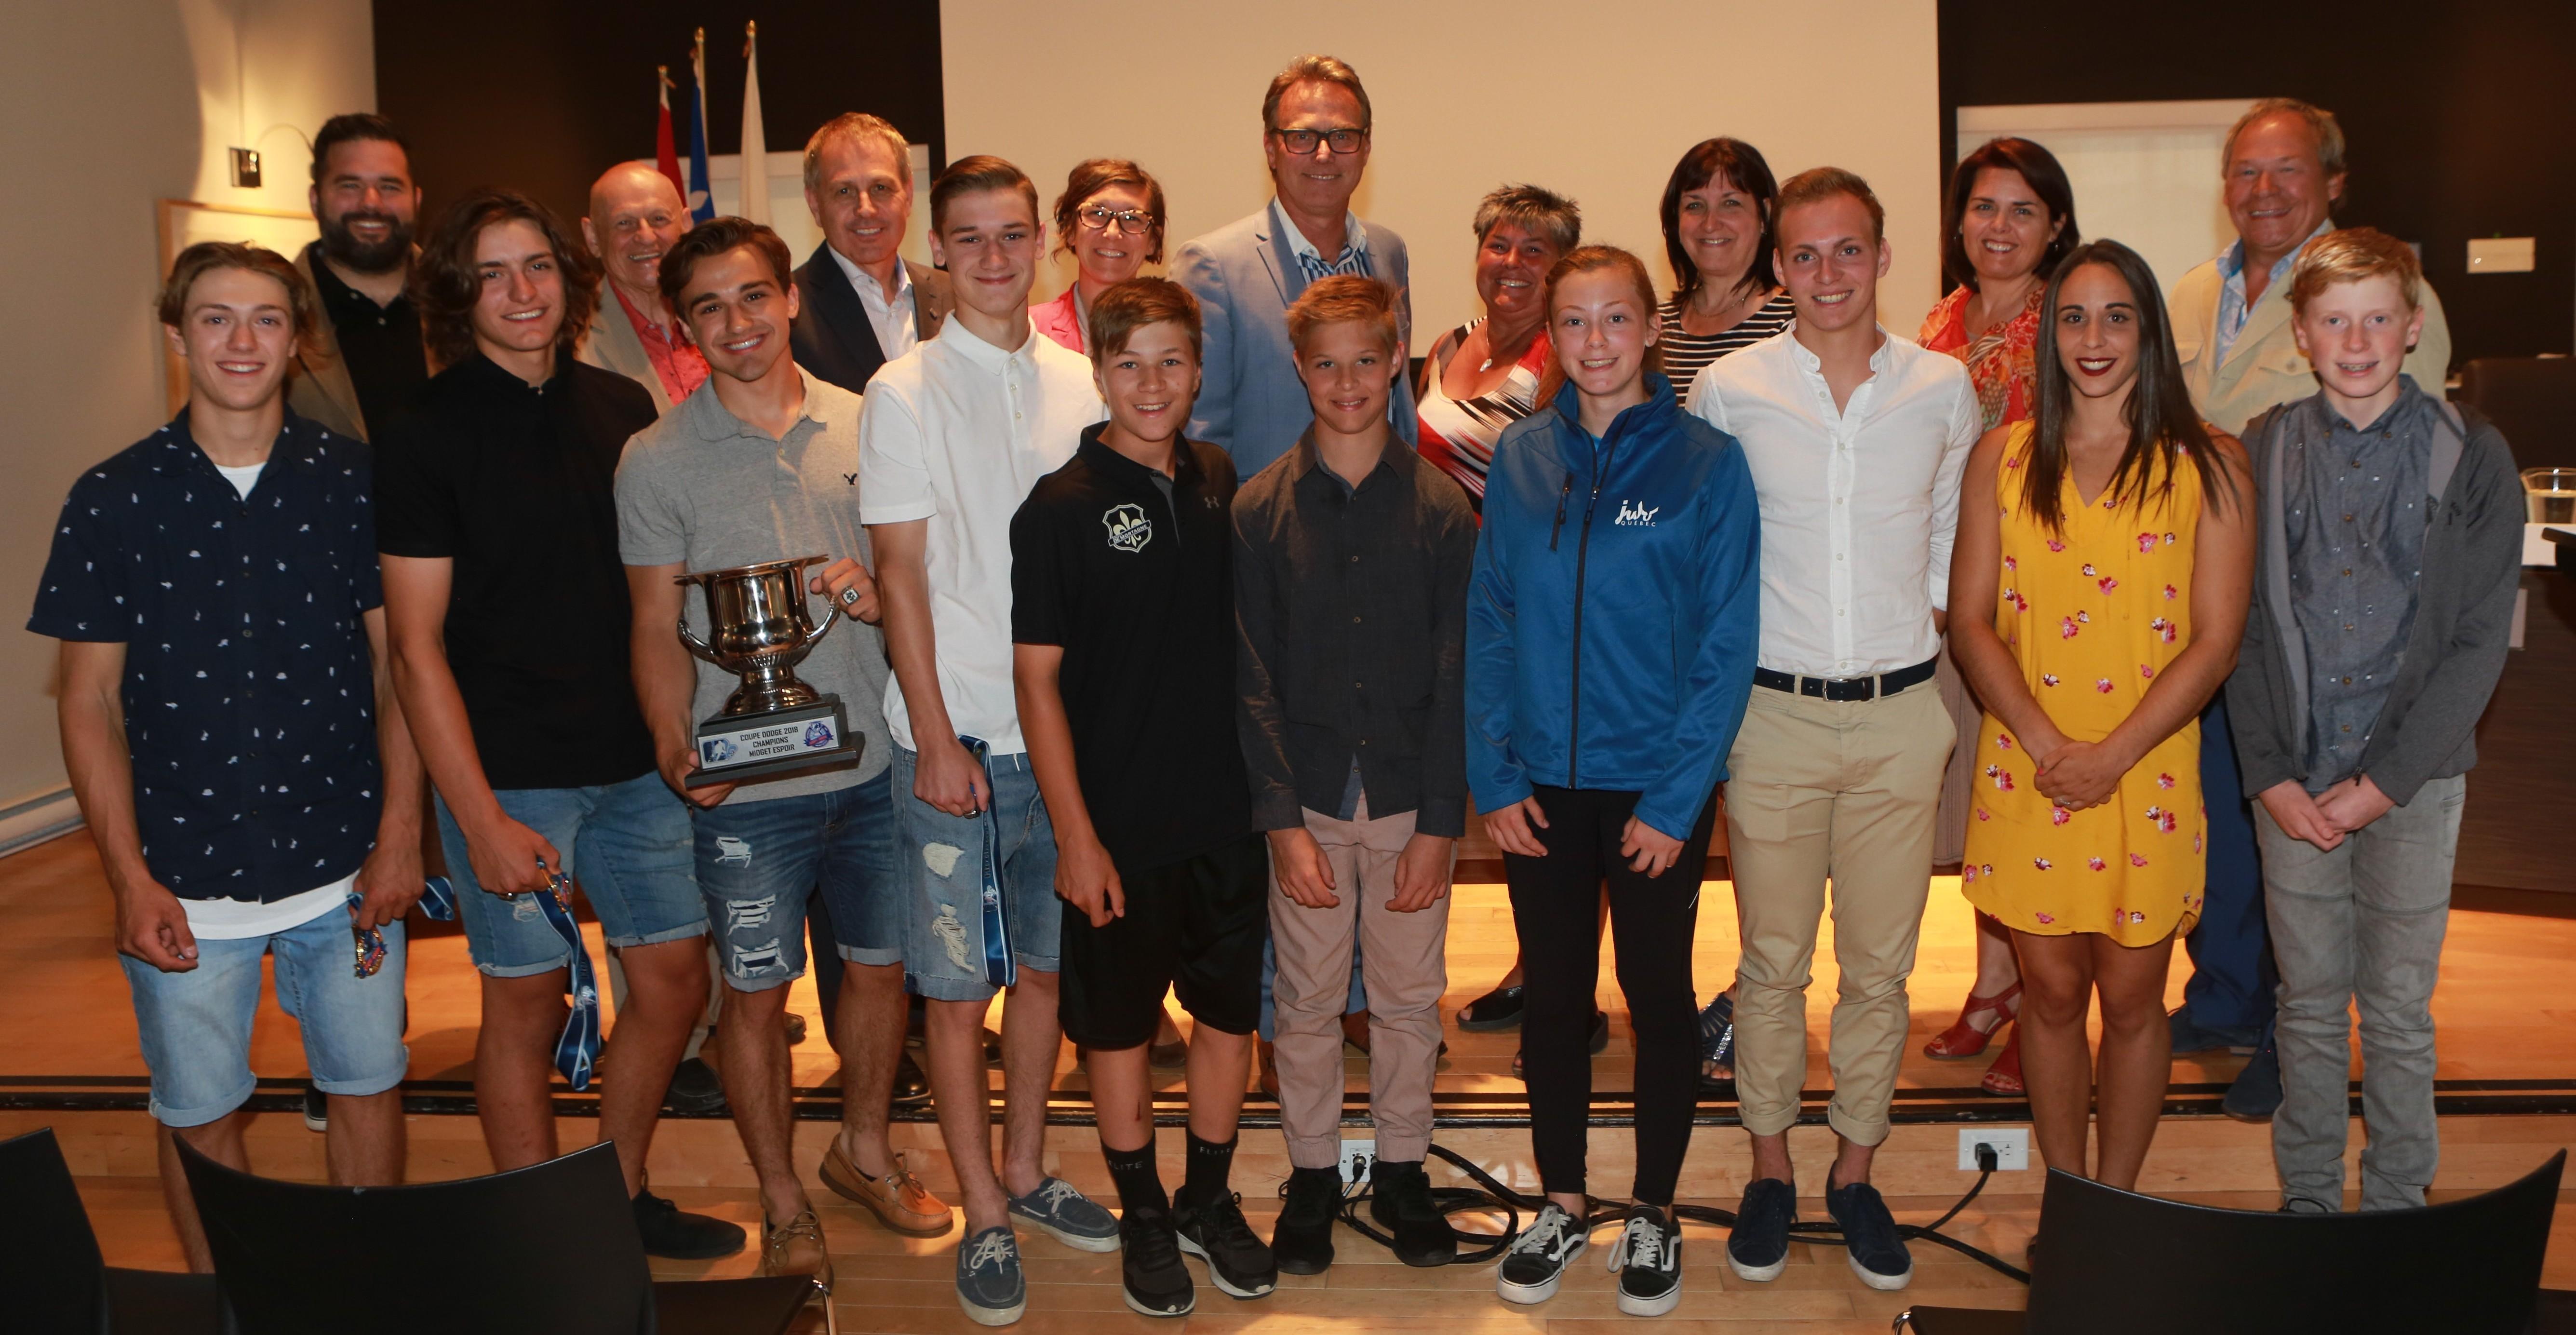 Jeunes sportifs varennois honorés par le conseil municipal de Varennes